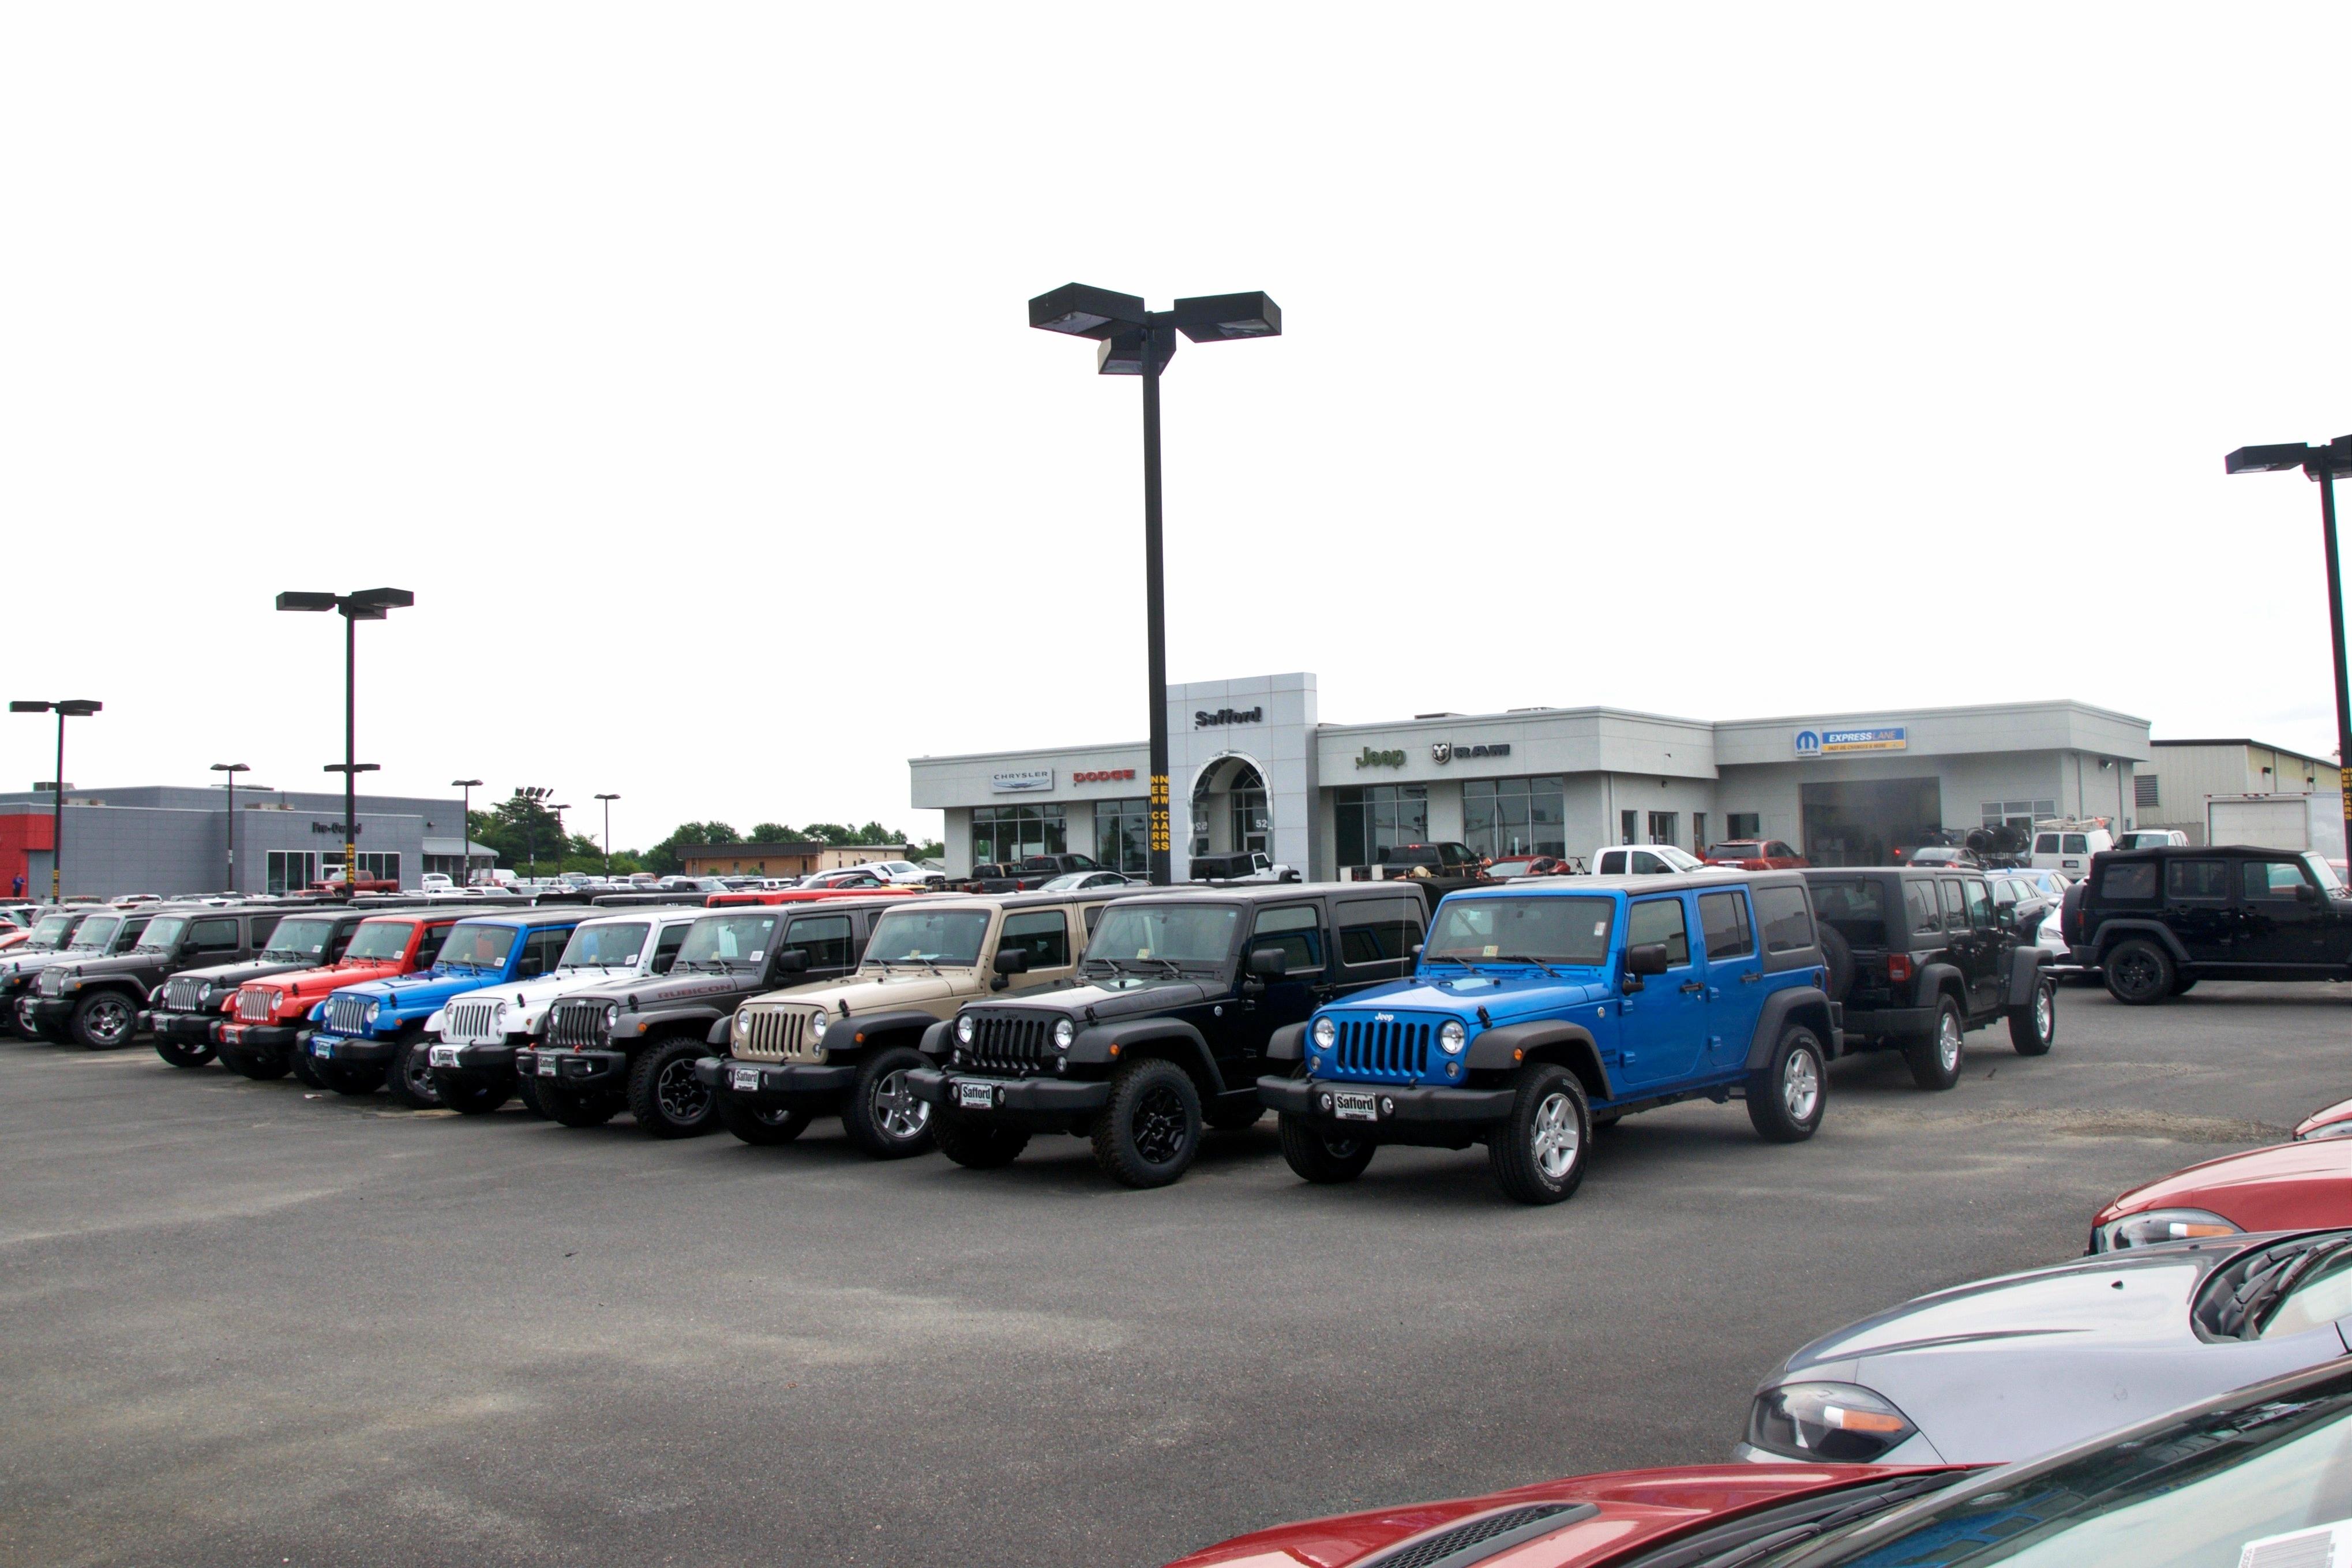 Safford Of Fredericksburg VA Jeep Chrysler Dodge Ram Dealership - Chrysler dealership phone number